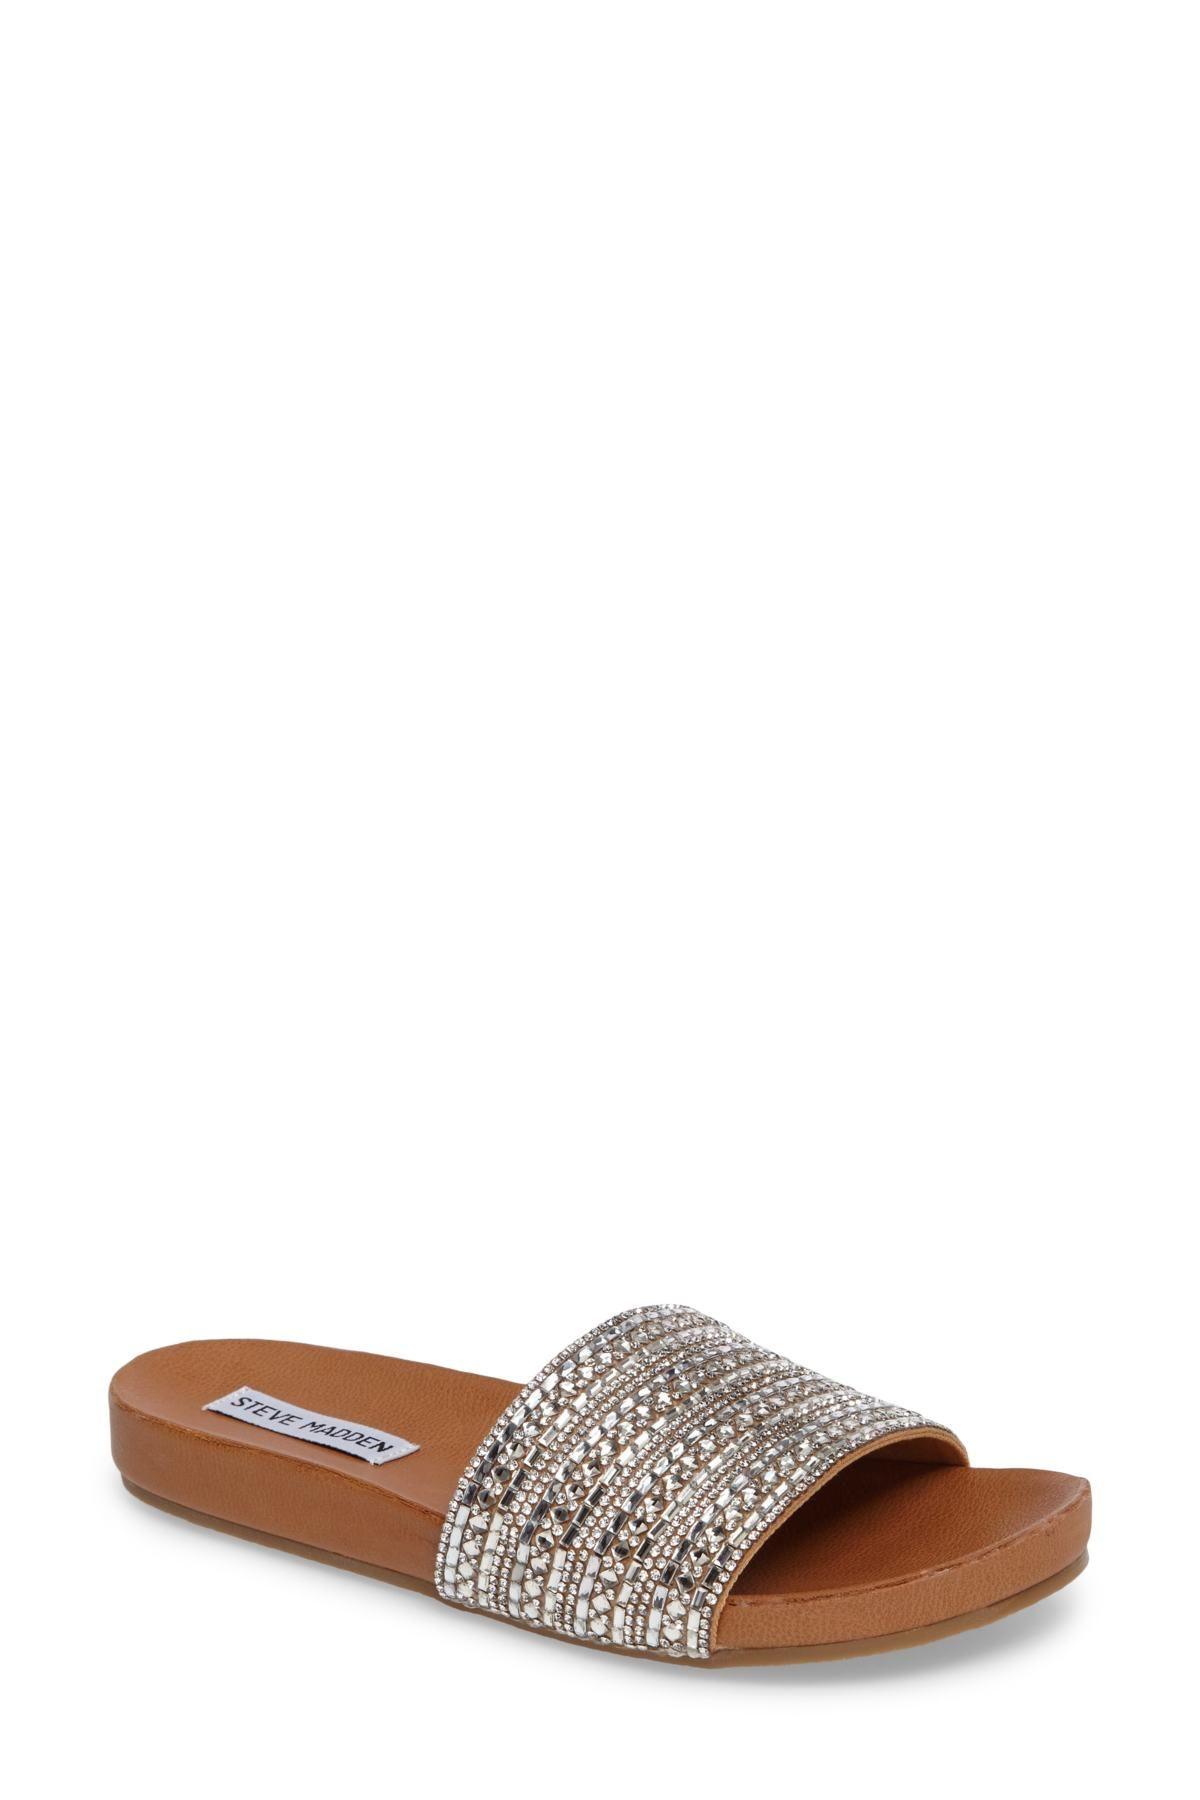 28b85485029d Dazzle Embellished Slide Sandal by Steve Madden on  nordstrom rack